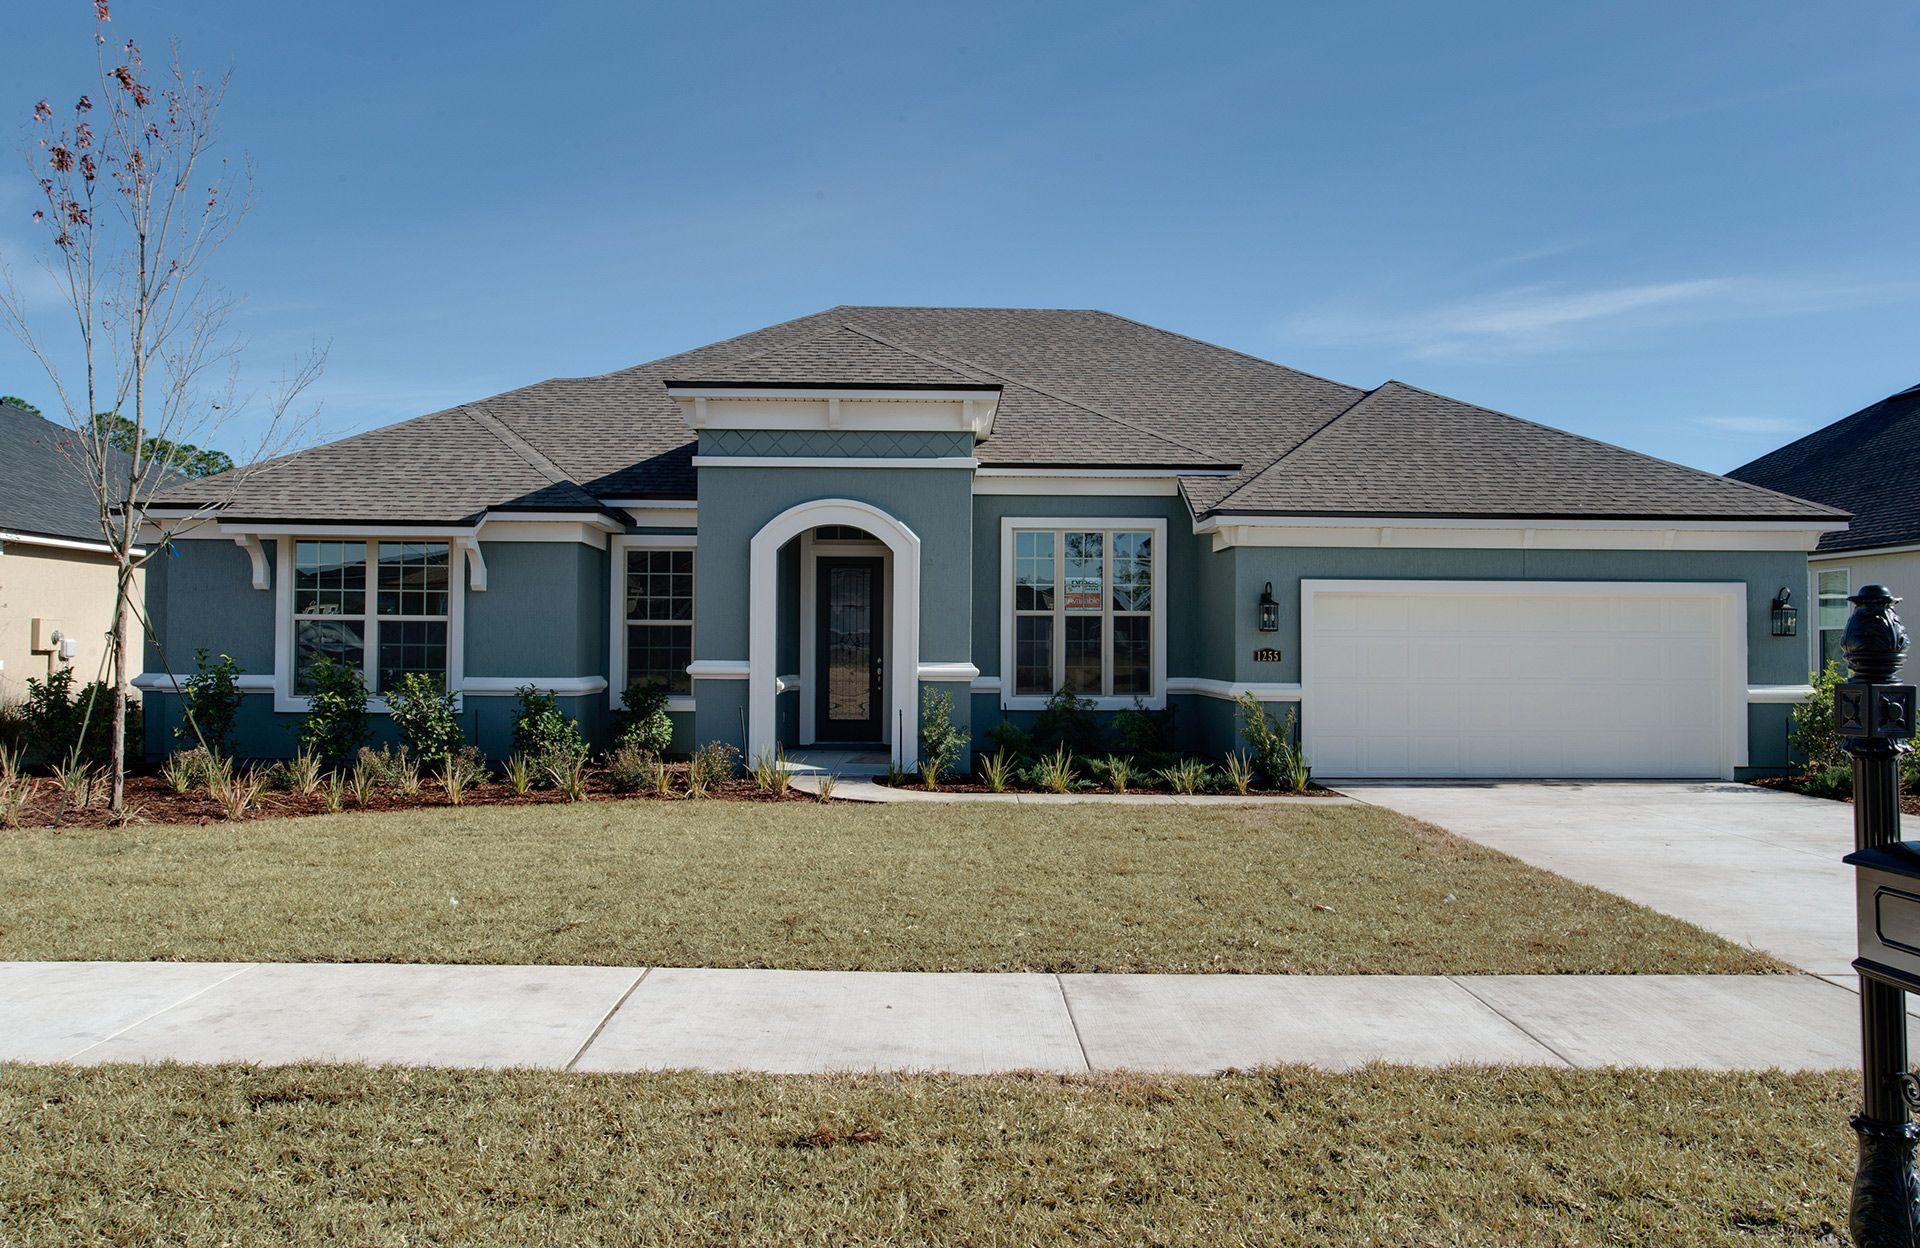 1255 Limpkin Lane, Middleburg, FL Homes & Land - Real Estate